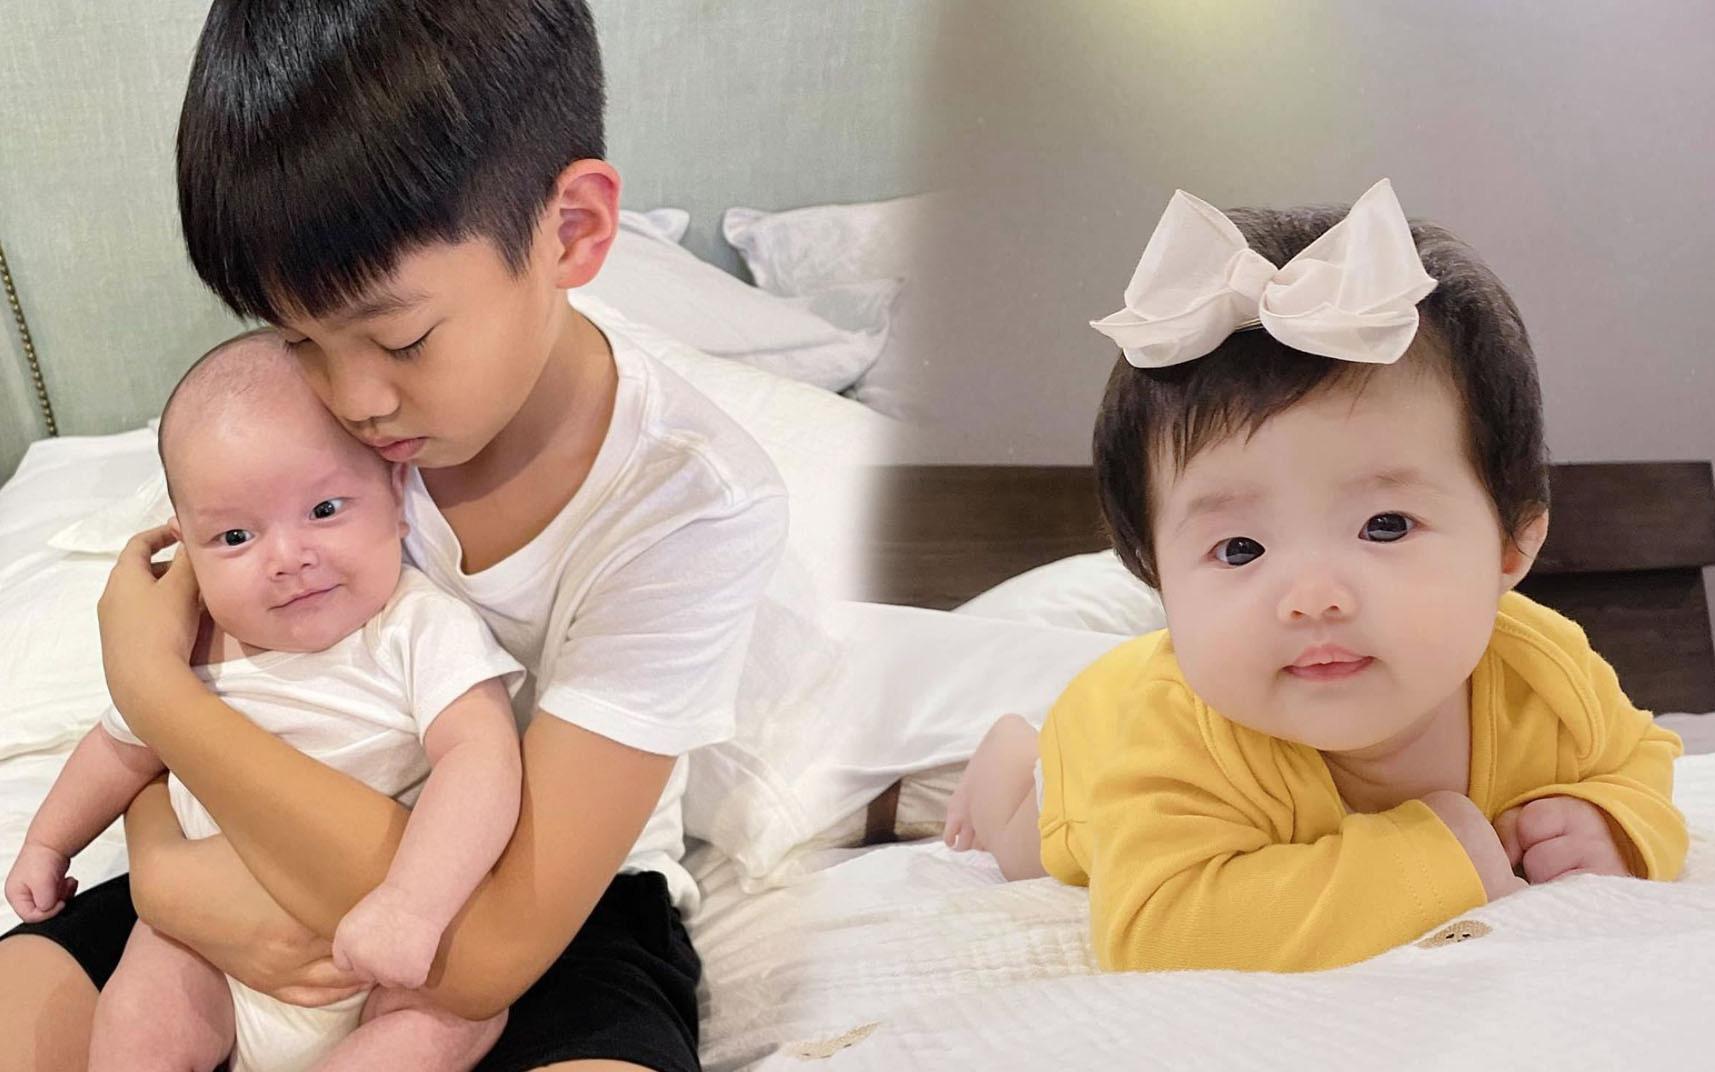 Loạt nhóc tỳ nhà sao Việt chào đời năm 2020 vừa lần lượt lộ diện, xem ảnh xong ai cũng ngưỡng mộ cách nuôi con của các mẹ